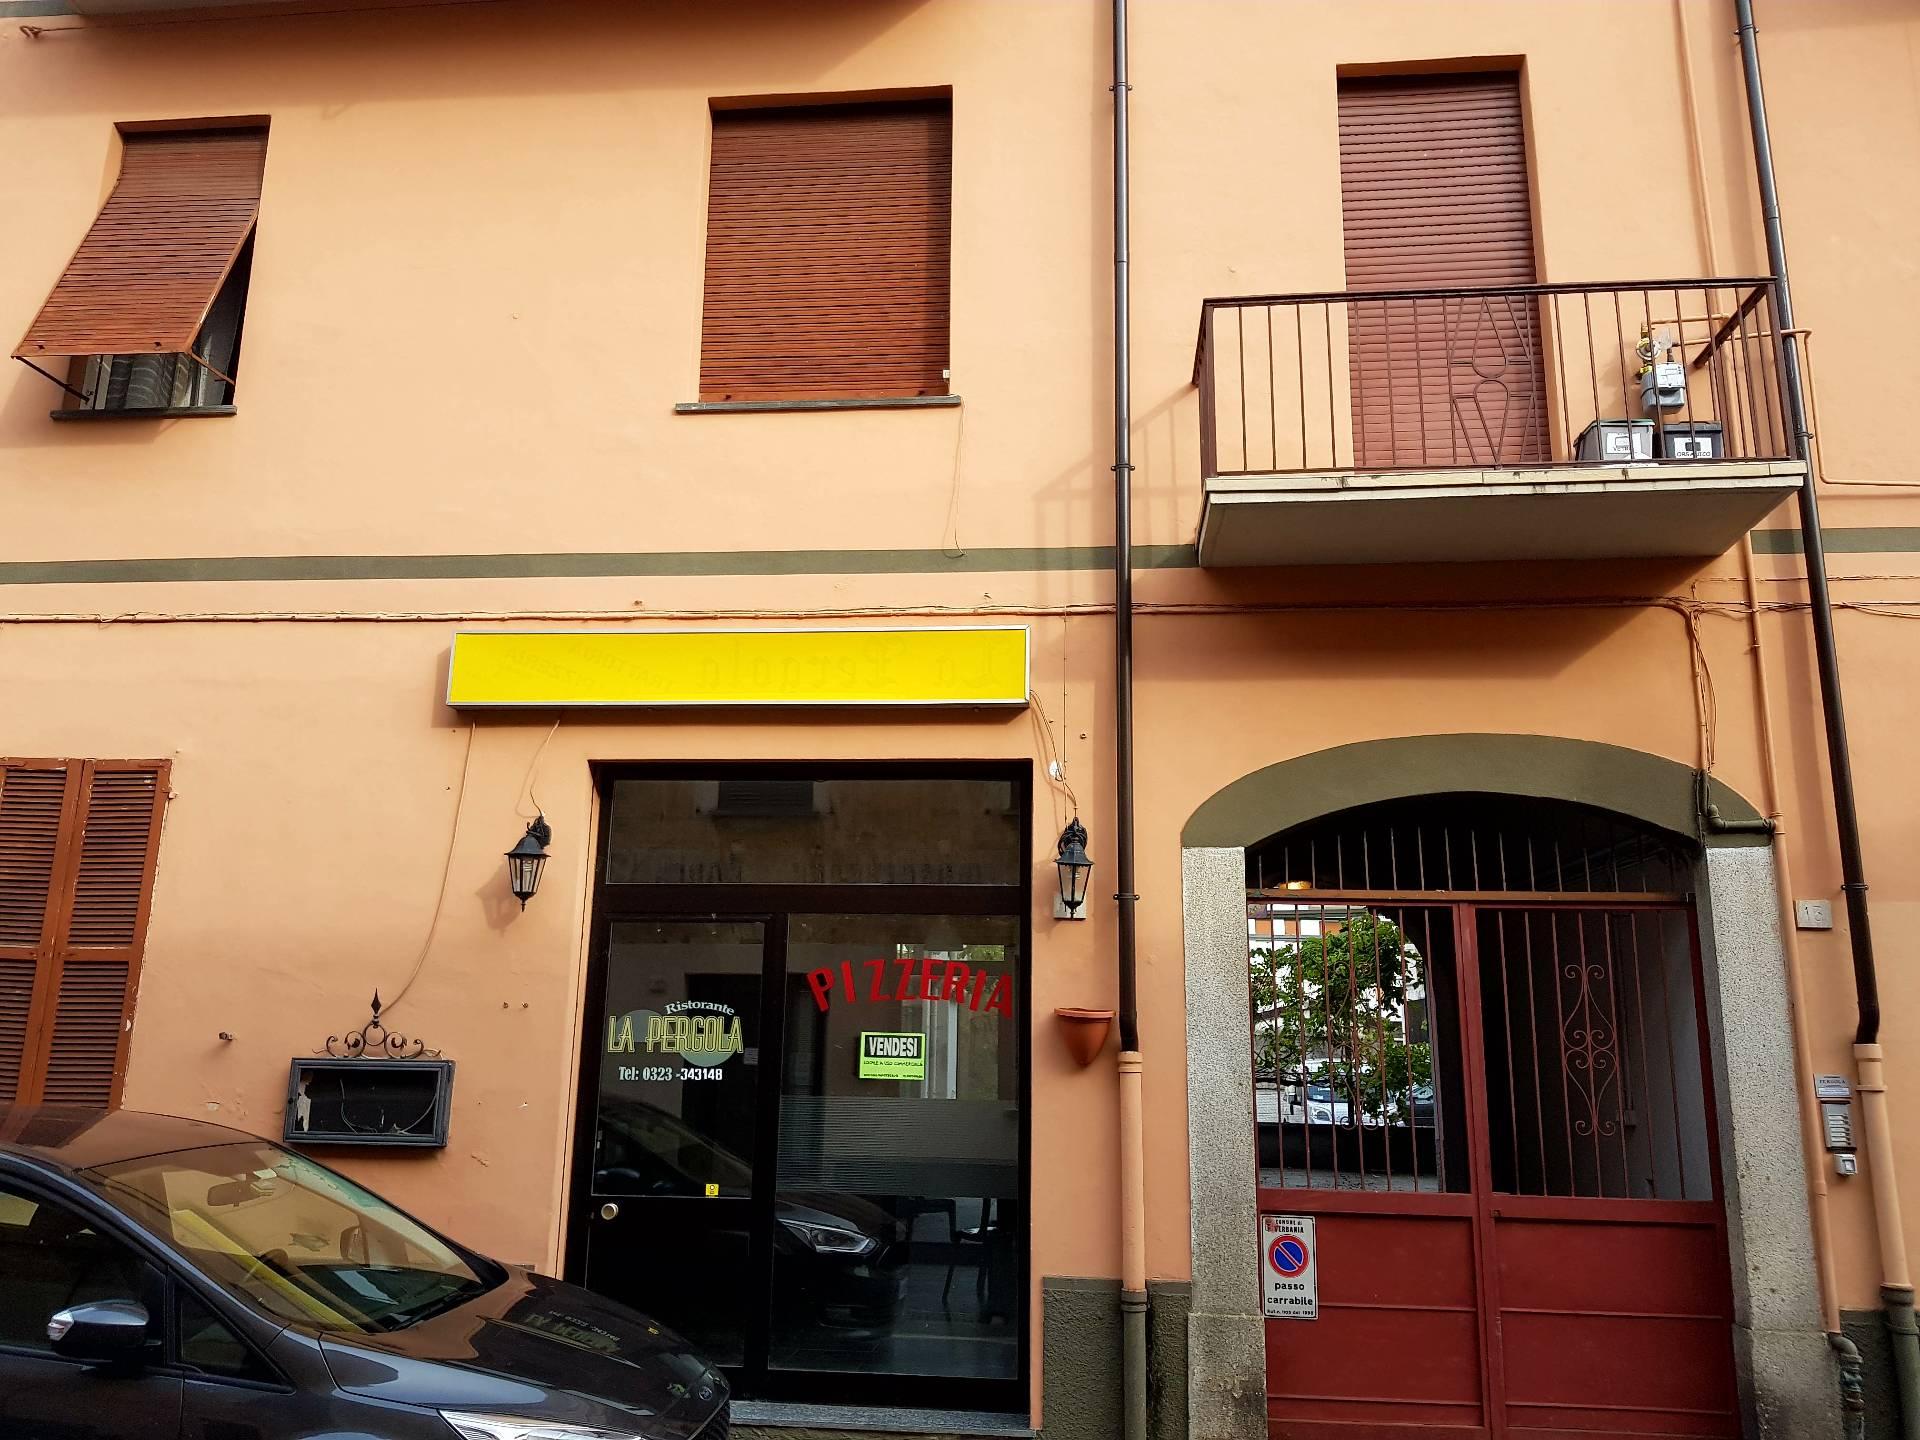 Appartamento in affitto a Verbania, 2 locali, zona Località: Intracentro, prezzo € 500 | CambioCasa.it